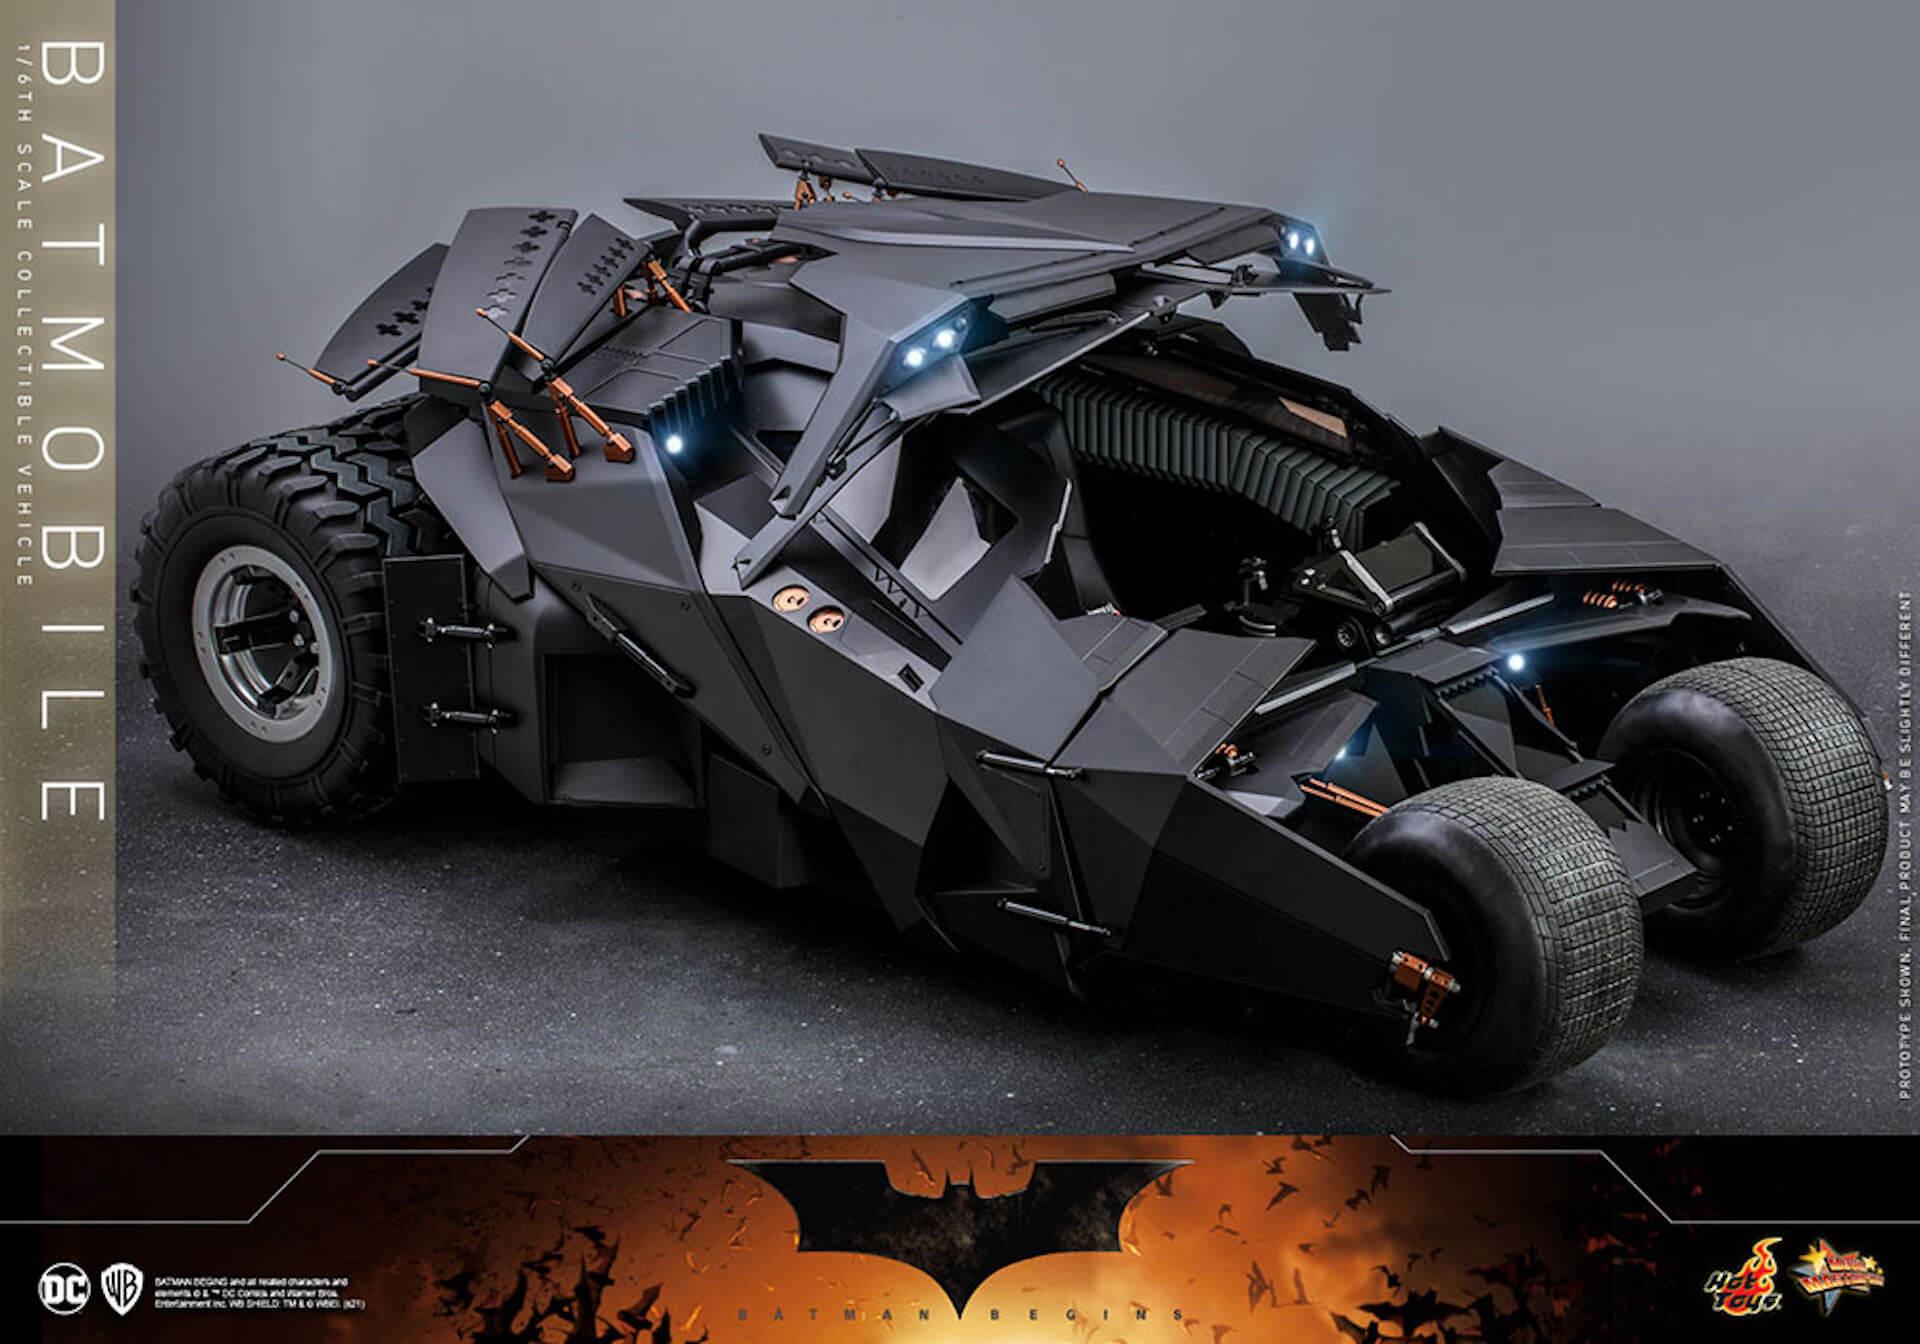 『バットマン ビギンズ』のバットマン&バットモービルが超精巧なフィギュアに!ホットトイズから発売決定 art210401_hottoys_batmanbegins_5